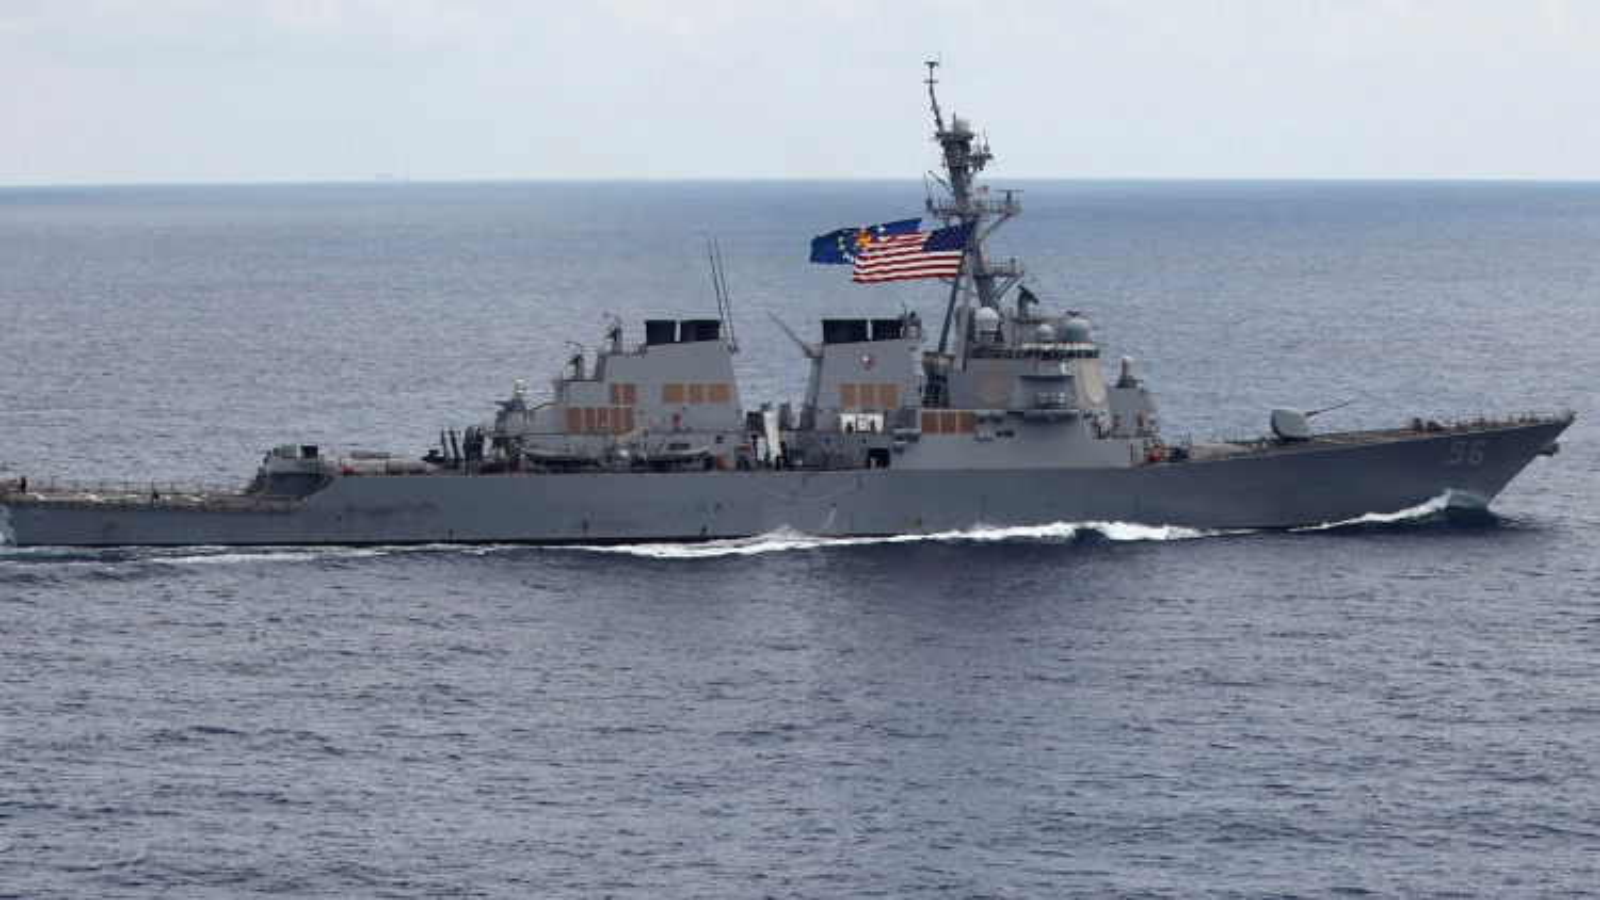 Lần đầu tiên dưới thời Biden, tàu khu trục Mỹ áp sát quần đảo Hoàng Sa